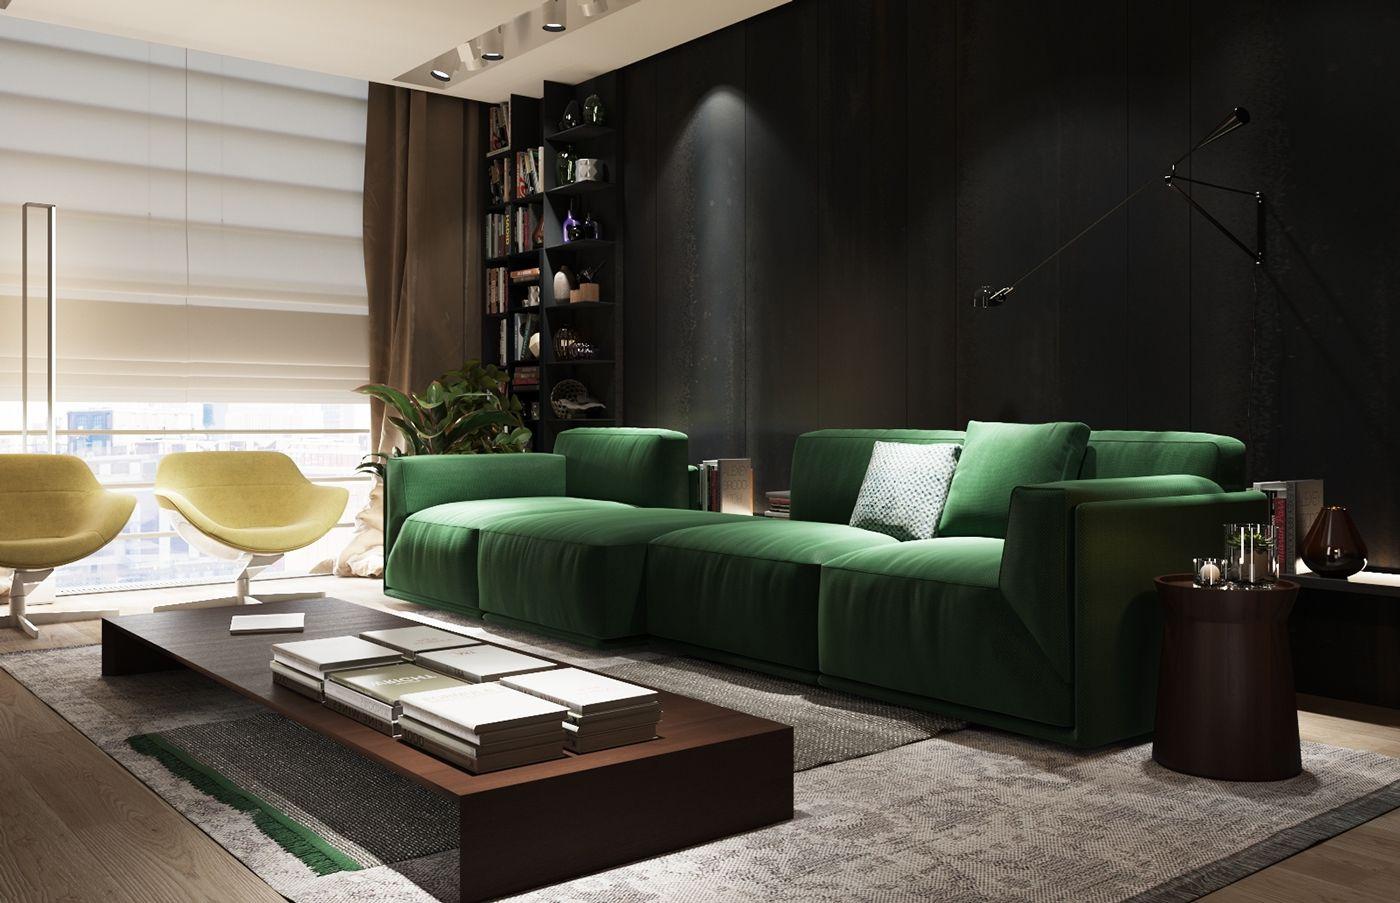 Salon z intensywnie zielonym zestawem wypoczynkowym